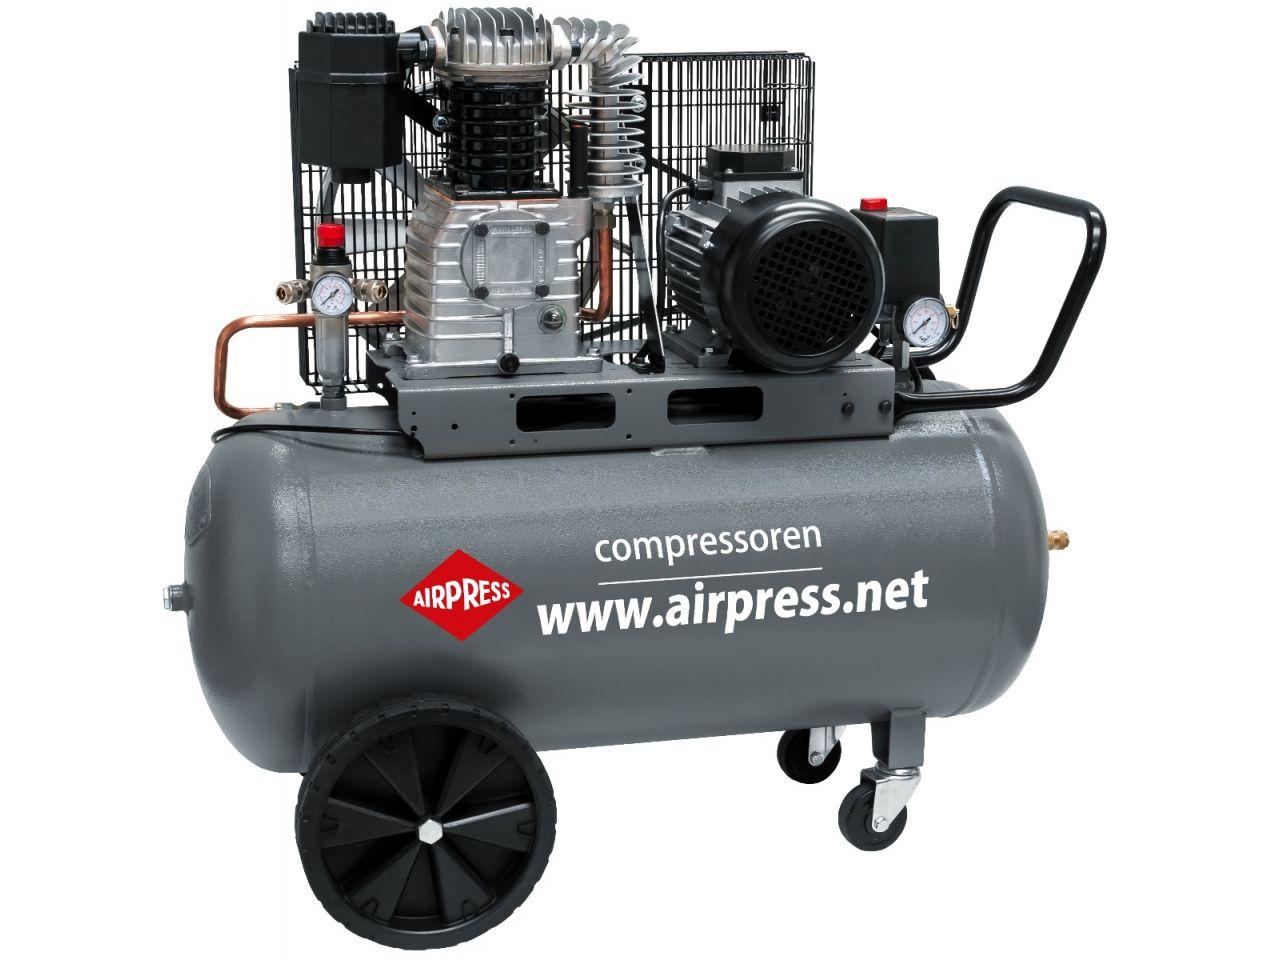 Compressor HK 425/100